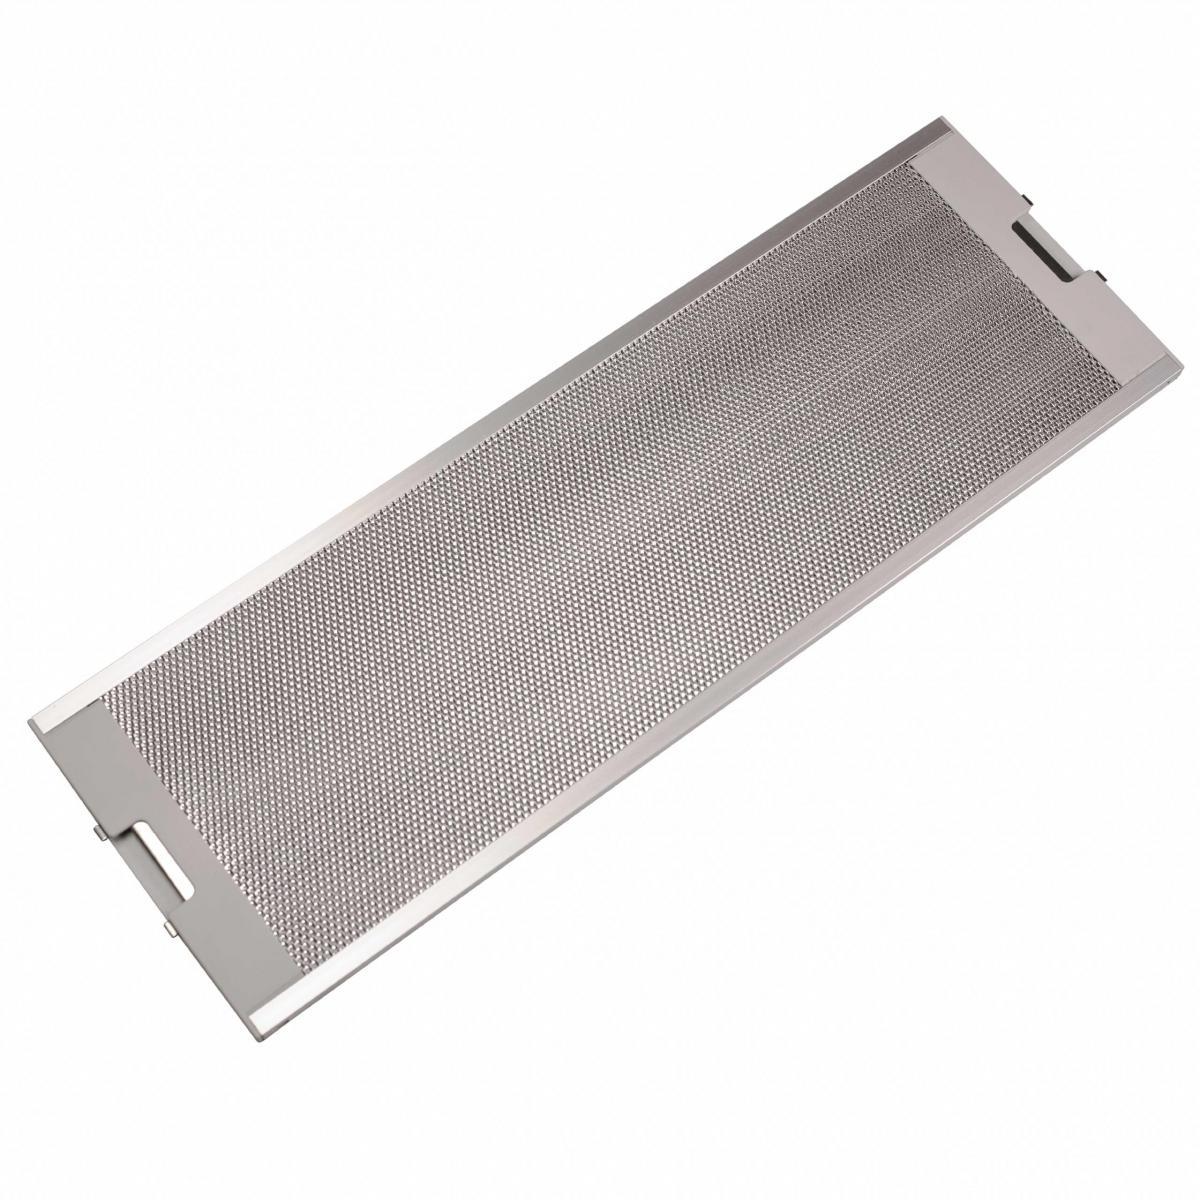 Vhbw vhbw Filtre Permanent Filtre à Graisse Métallique compatible avec Imperial DMA 64/1 EL/CH, DMA 64/1 EL/NL 001 Hottes de